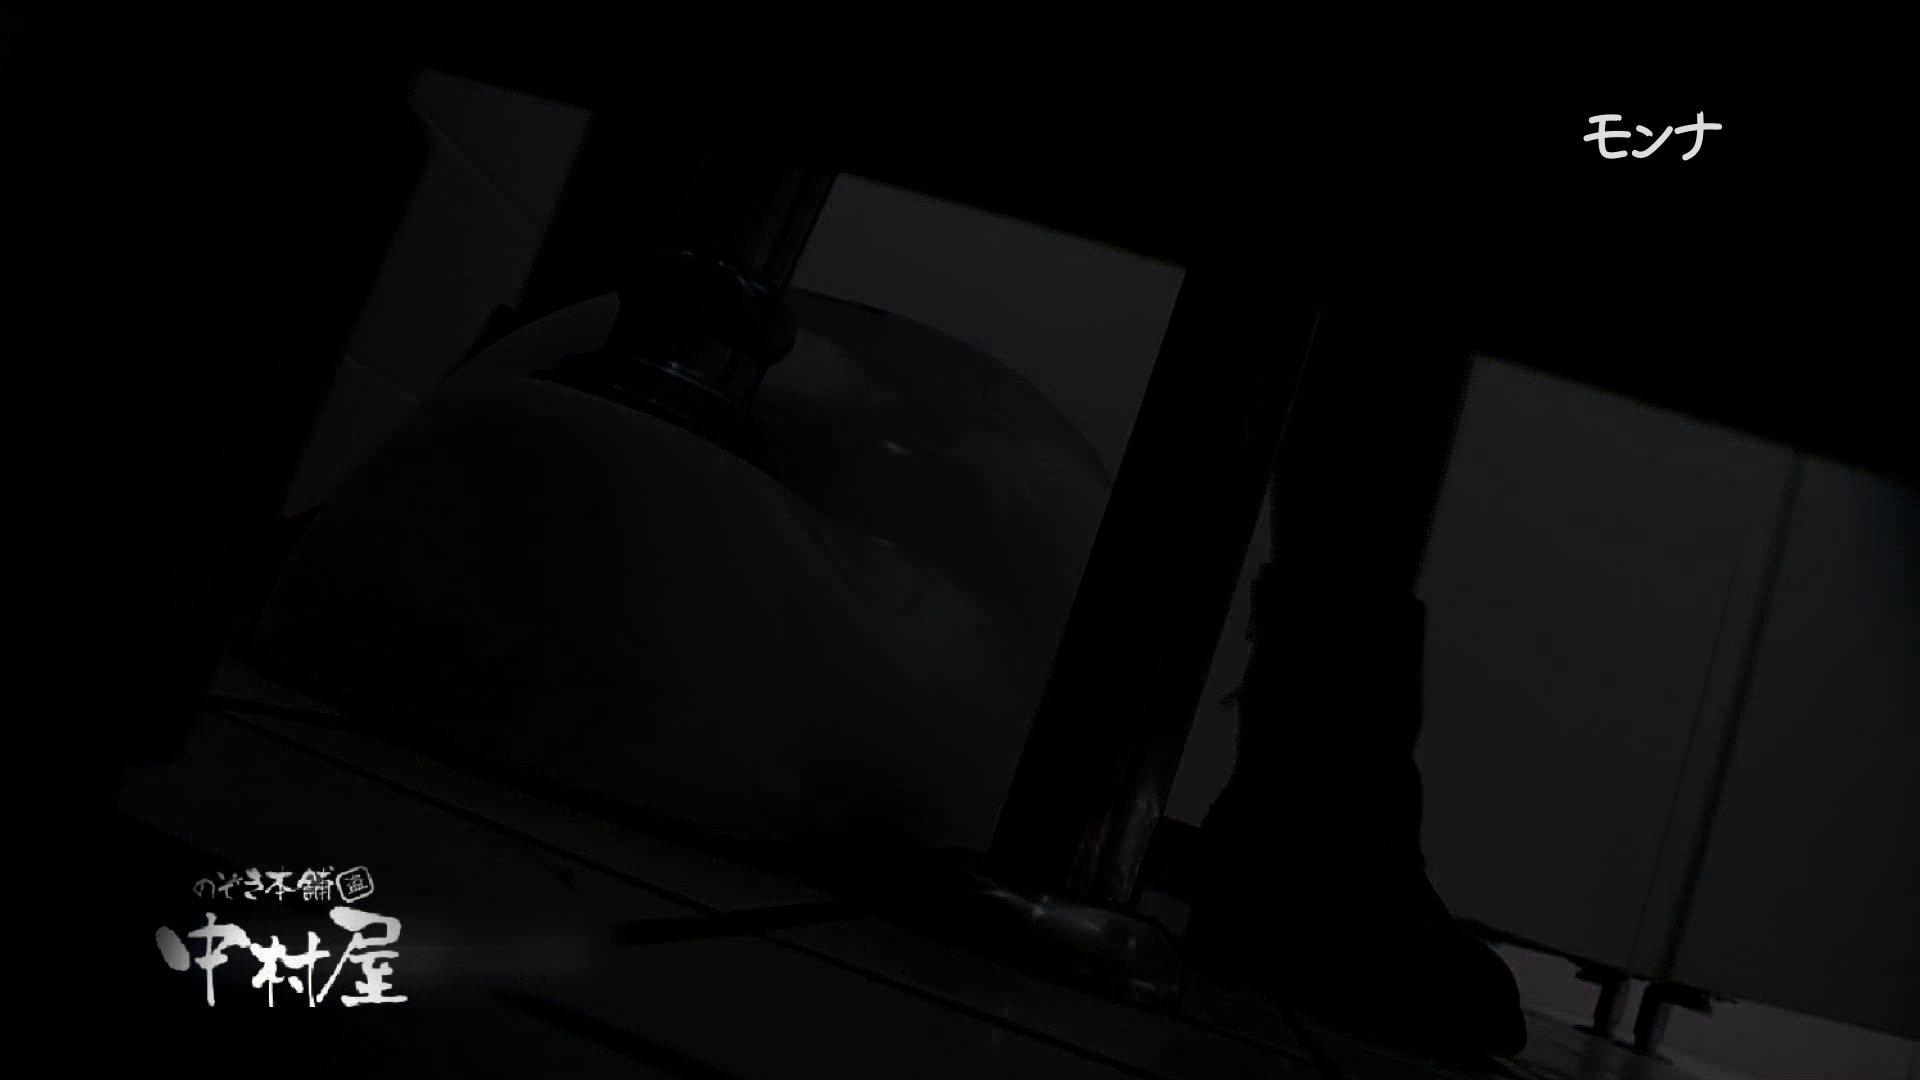 【美しい日本の未来】新学期!!下半身中心に攻めてます美女可愛い女子悪戯盗satuトイレ後編 トイレ流出  82連発 36